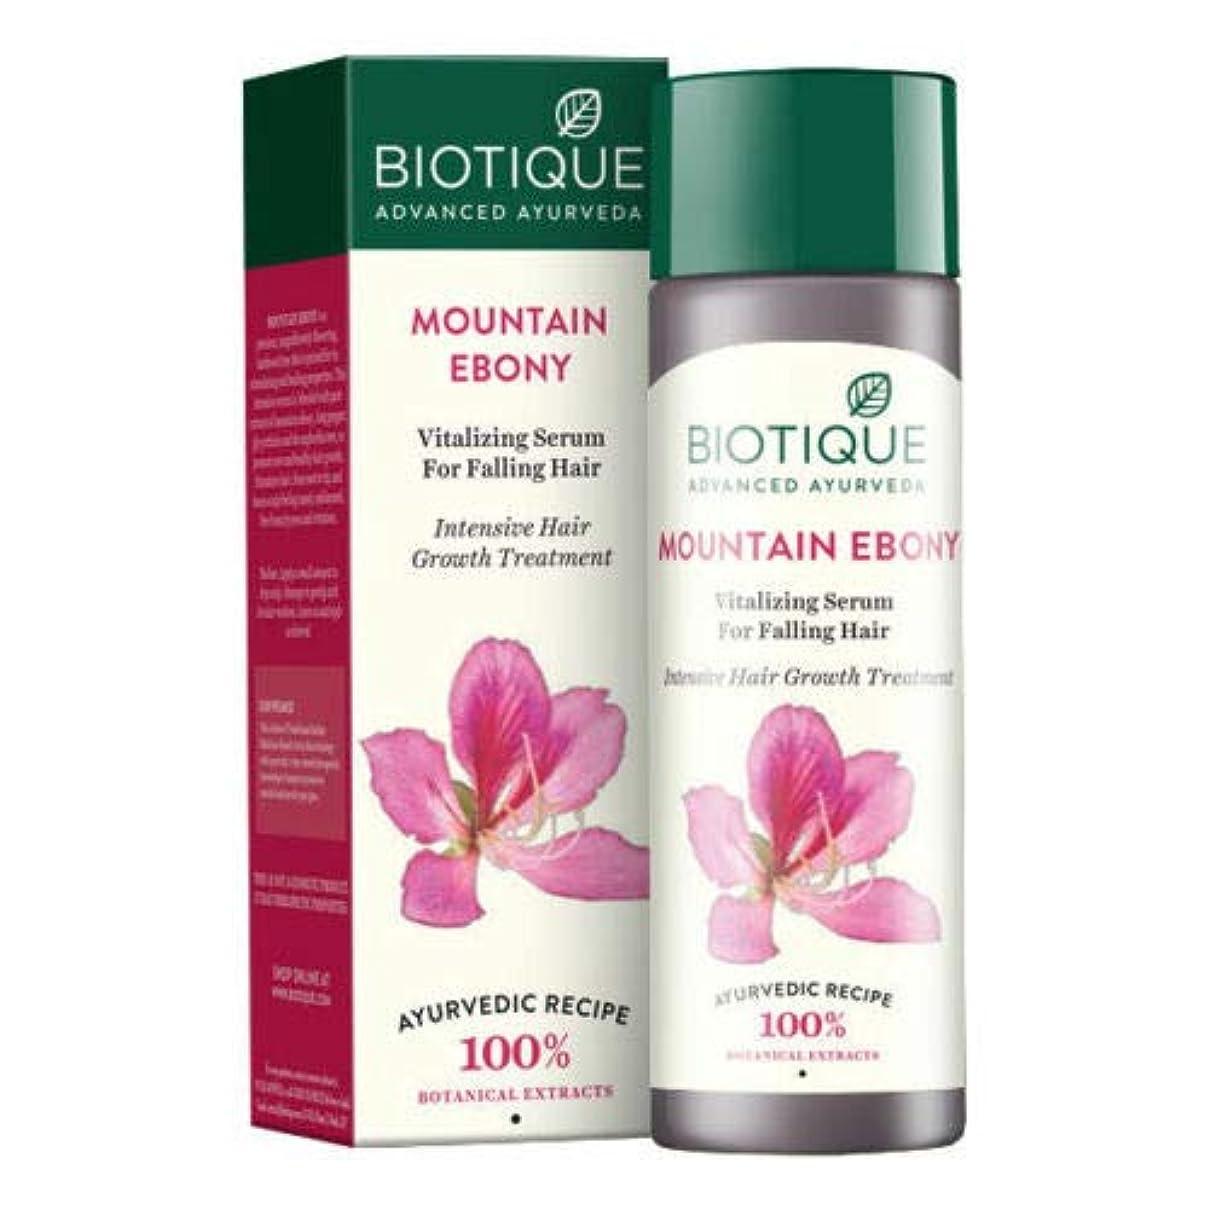 タイプライター知り合いになる公演Biotique Bio Mountain Ebony Vitalizing Serum For Falling Hair Treatment 落下の毛の処置のためのBiotiqueのバイオ山の黒檀の活力を与える血清